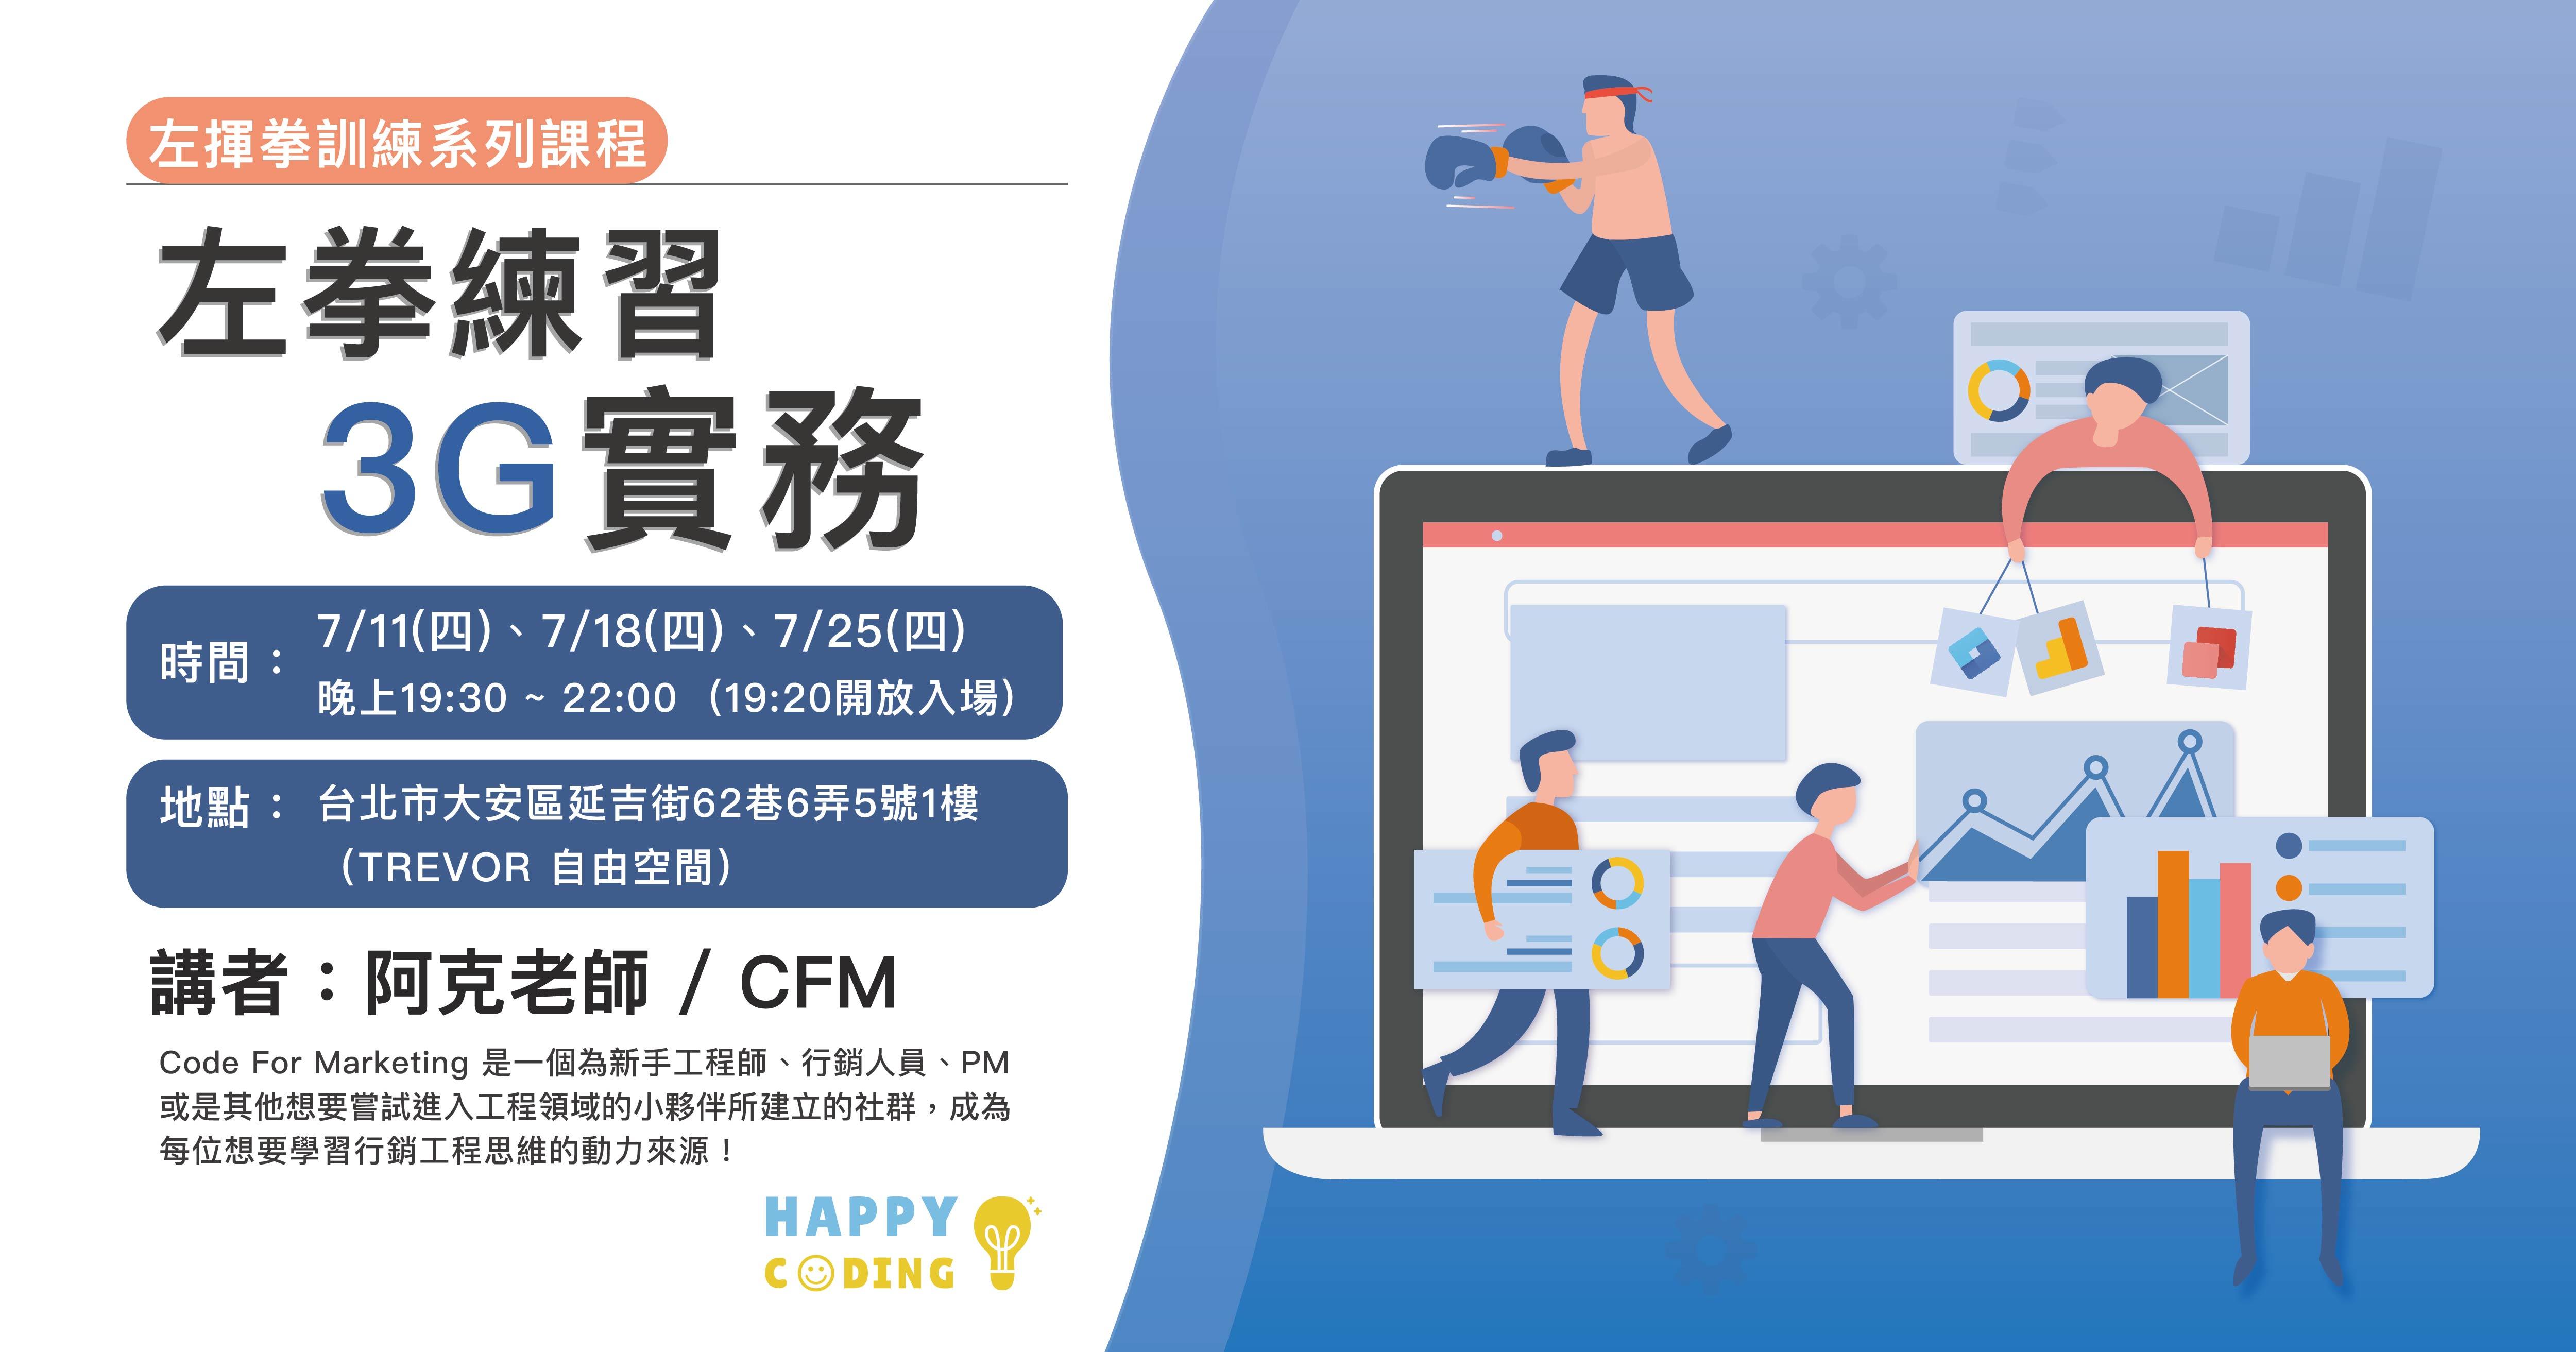 透過網頁追蹤測試的 3G 實務,訓練數位行銷技巧|左揮拳系列工作坊